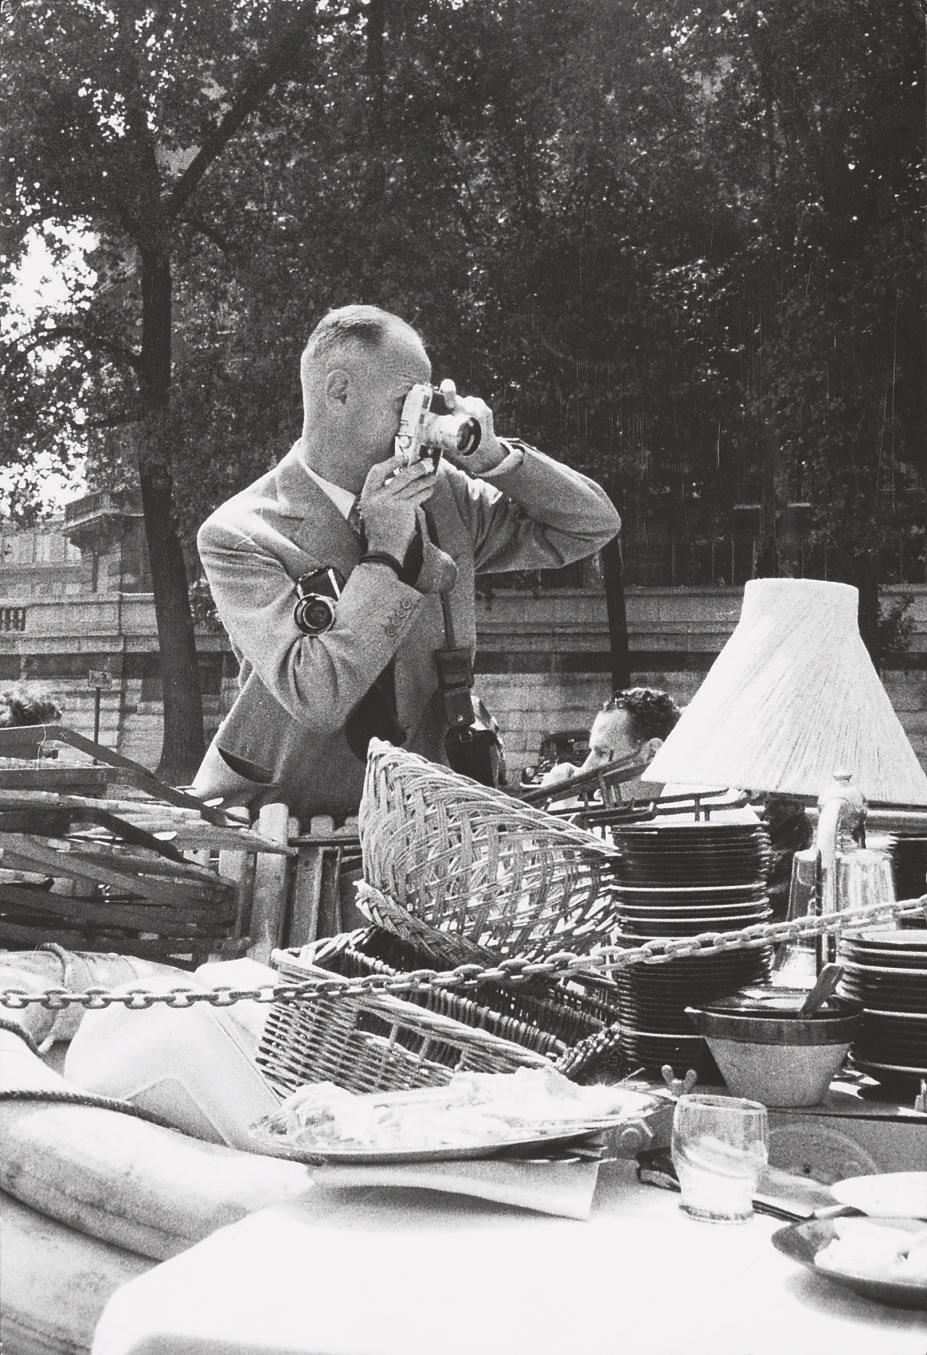 Henri Cartier-Bresson, c. 1955